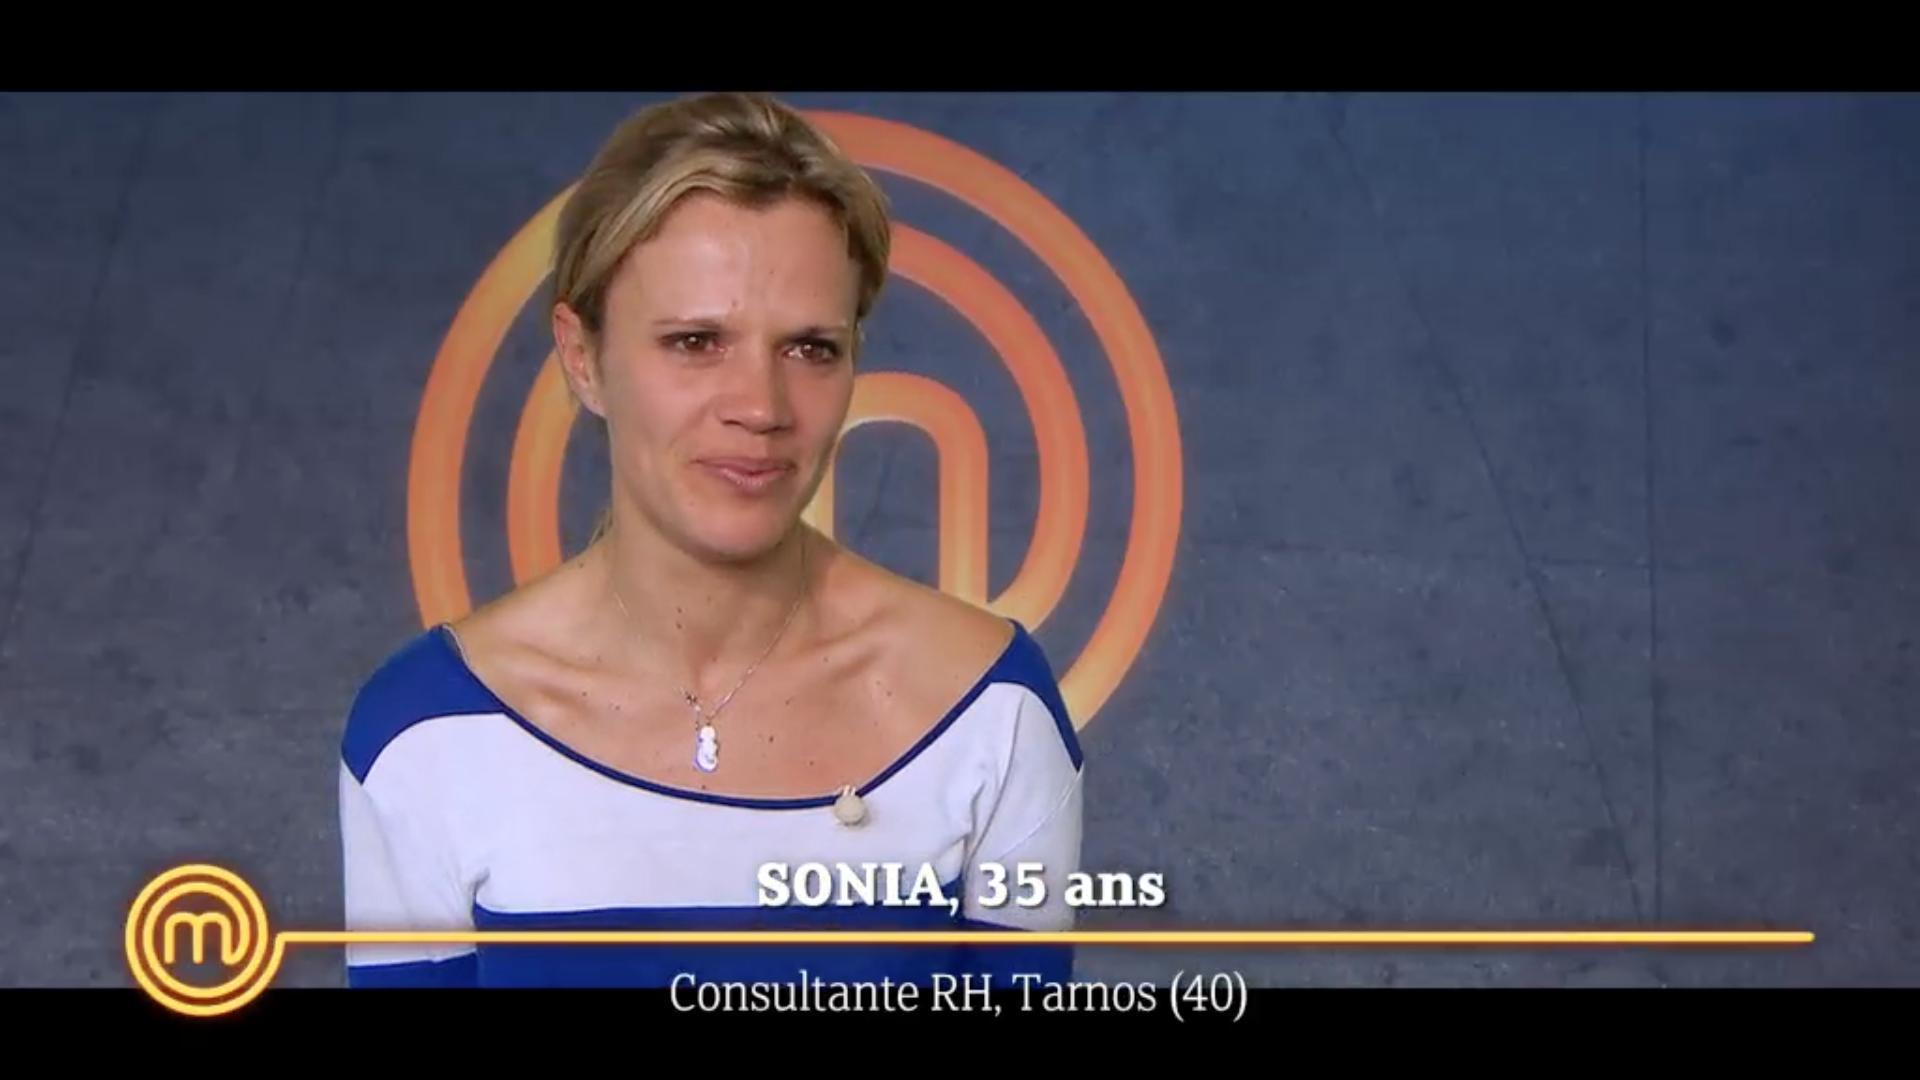 Le portrait de Sonia